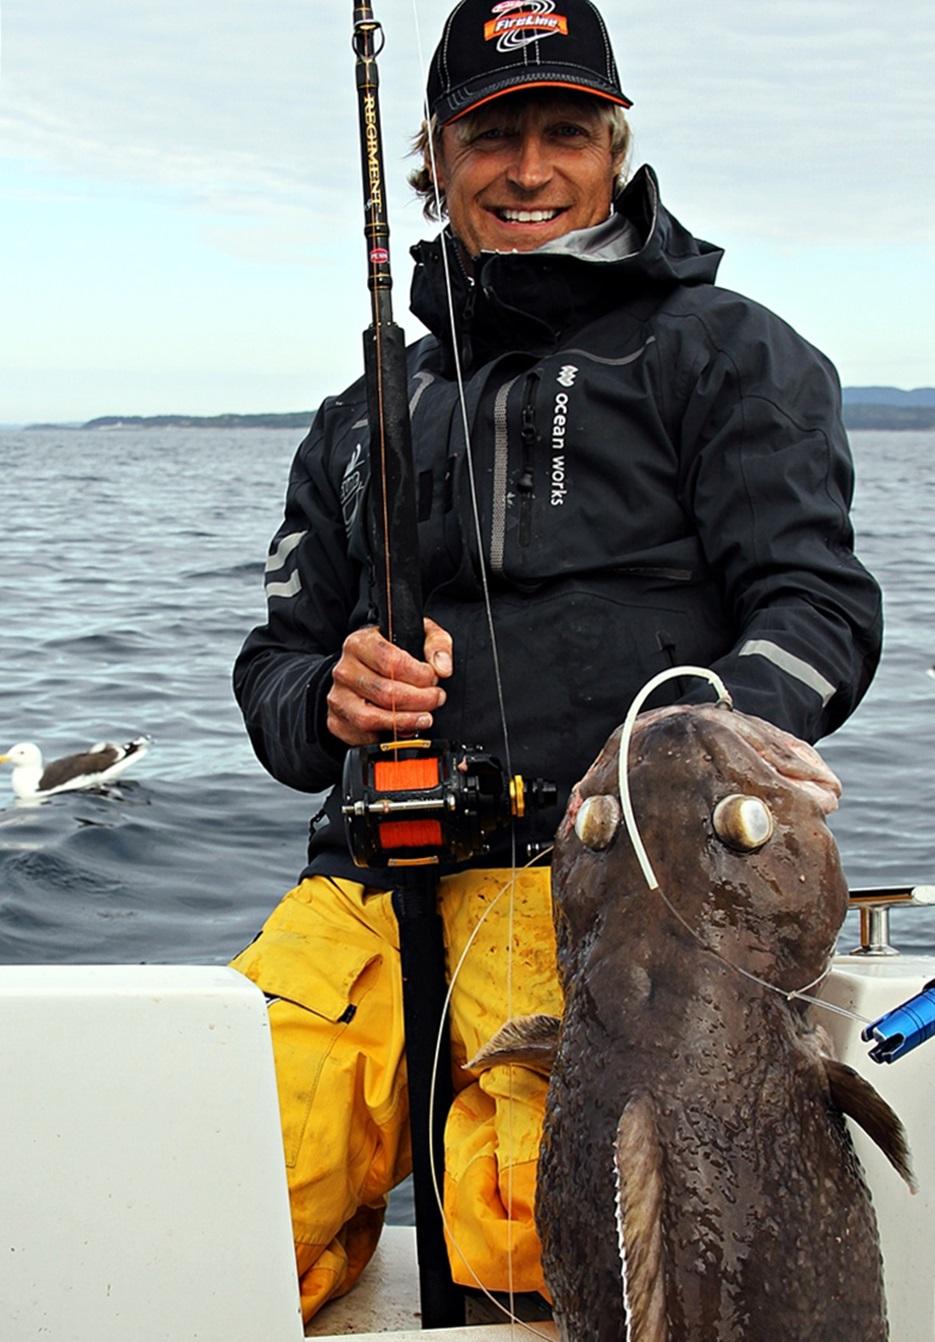 Mange store fisker er tatt med lys, men det er vanskelig å måle hvor effektivt det egentlig er